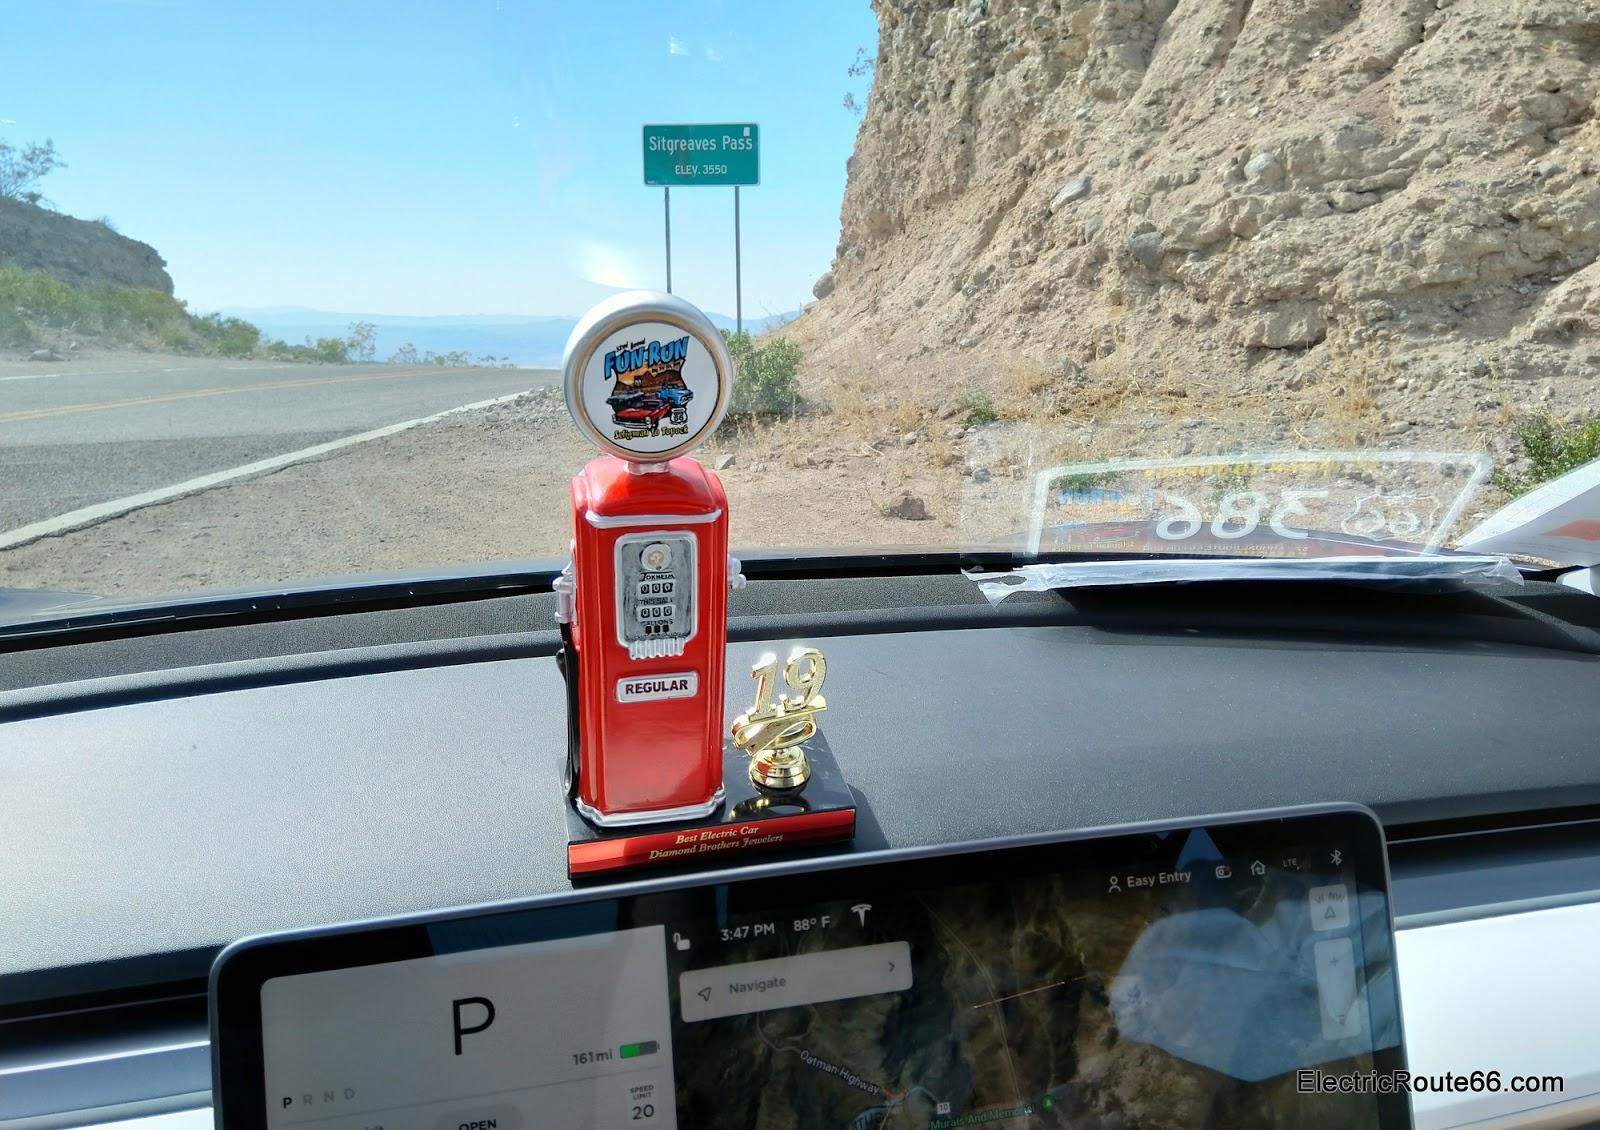 Event Report: Route 66 Fun Run